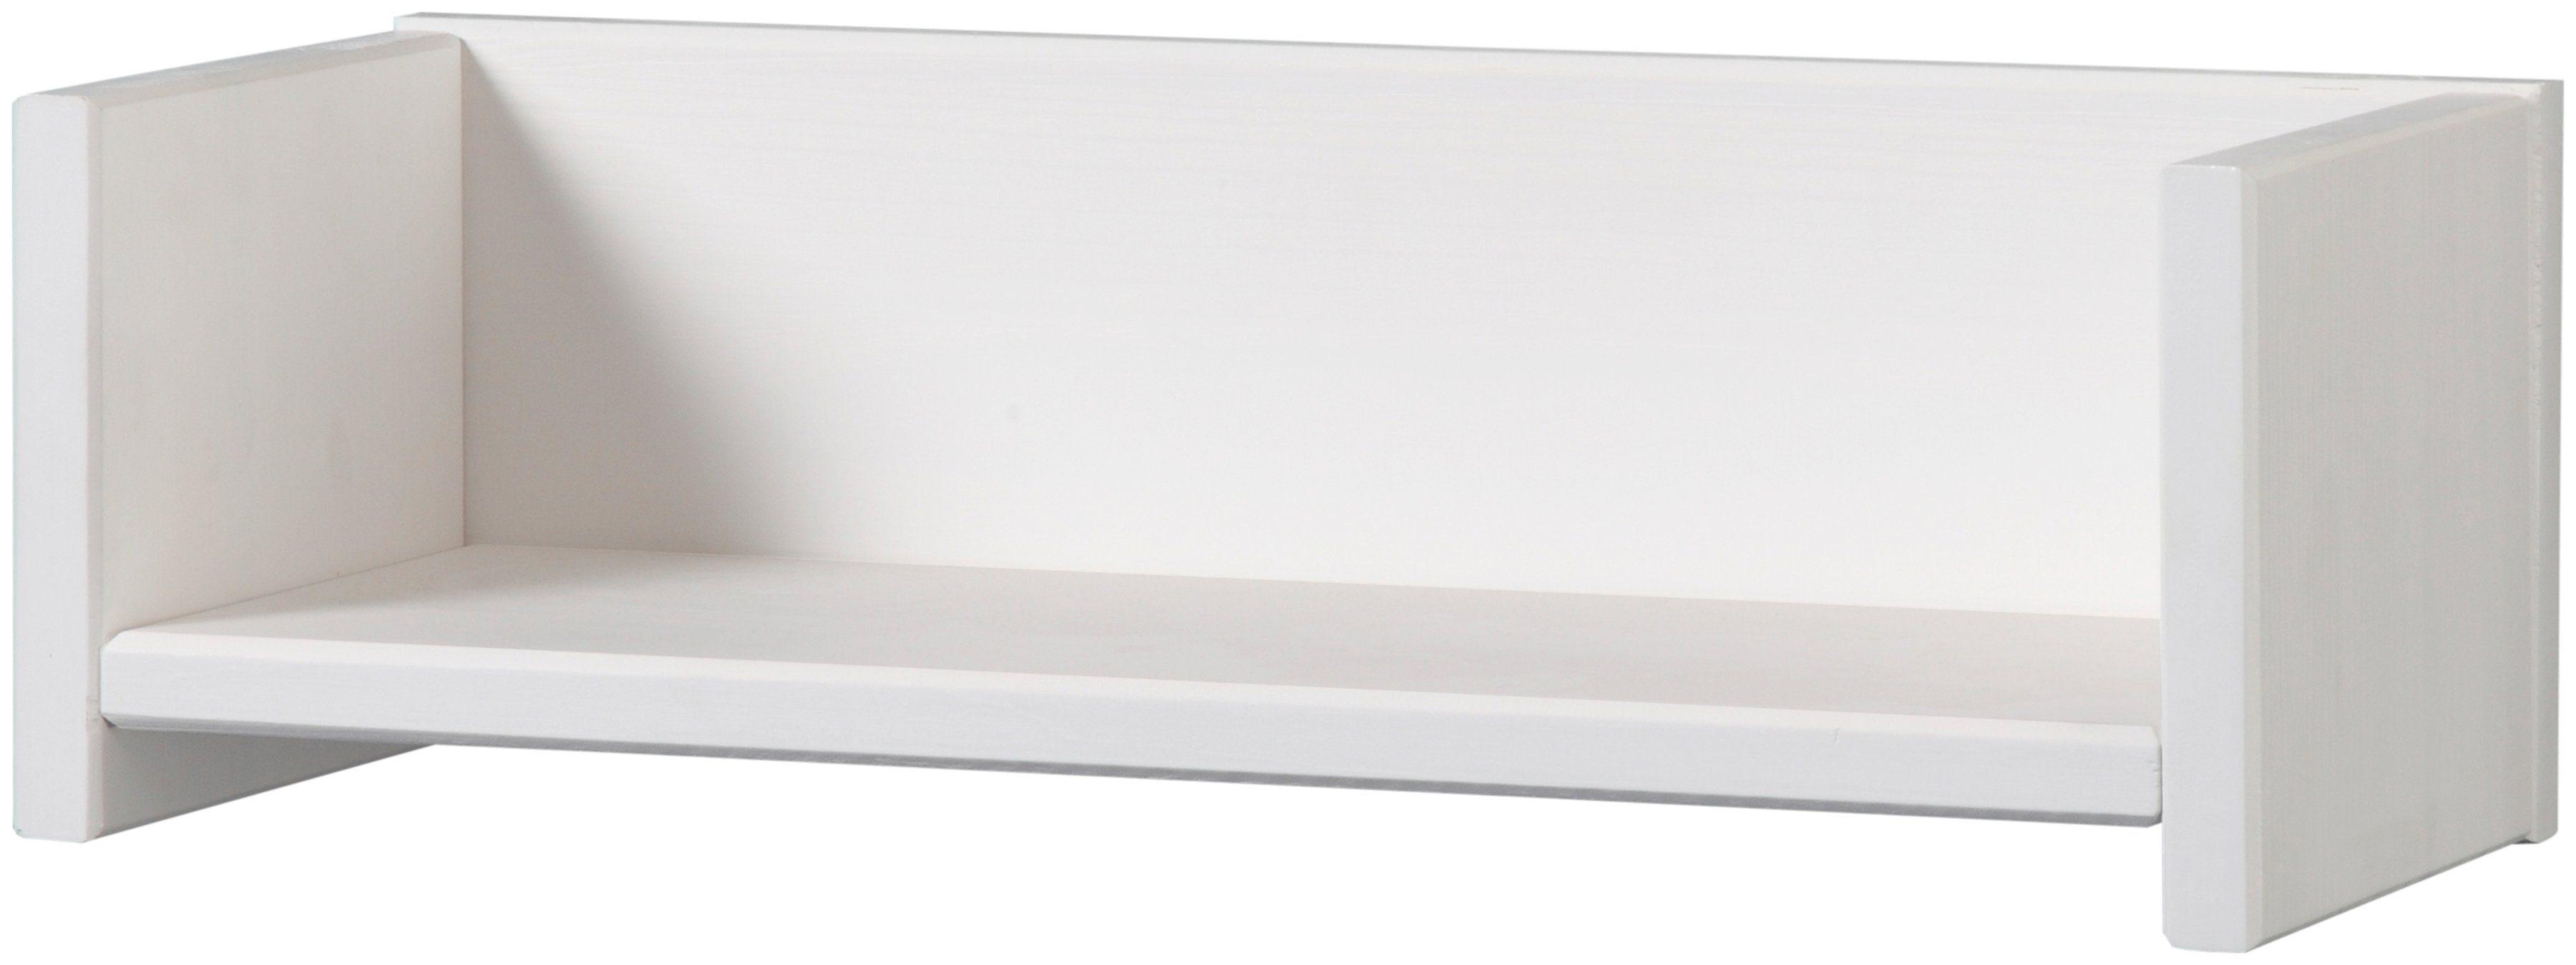 KONIFERA Badregal »Sylt/ Venezia«, 43 cm breit